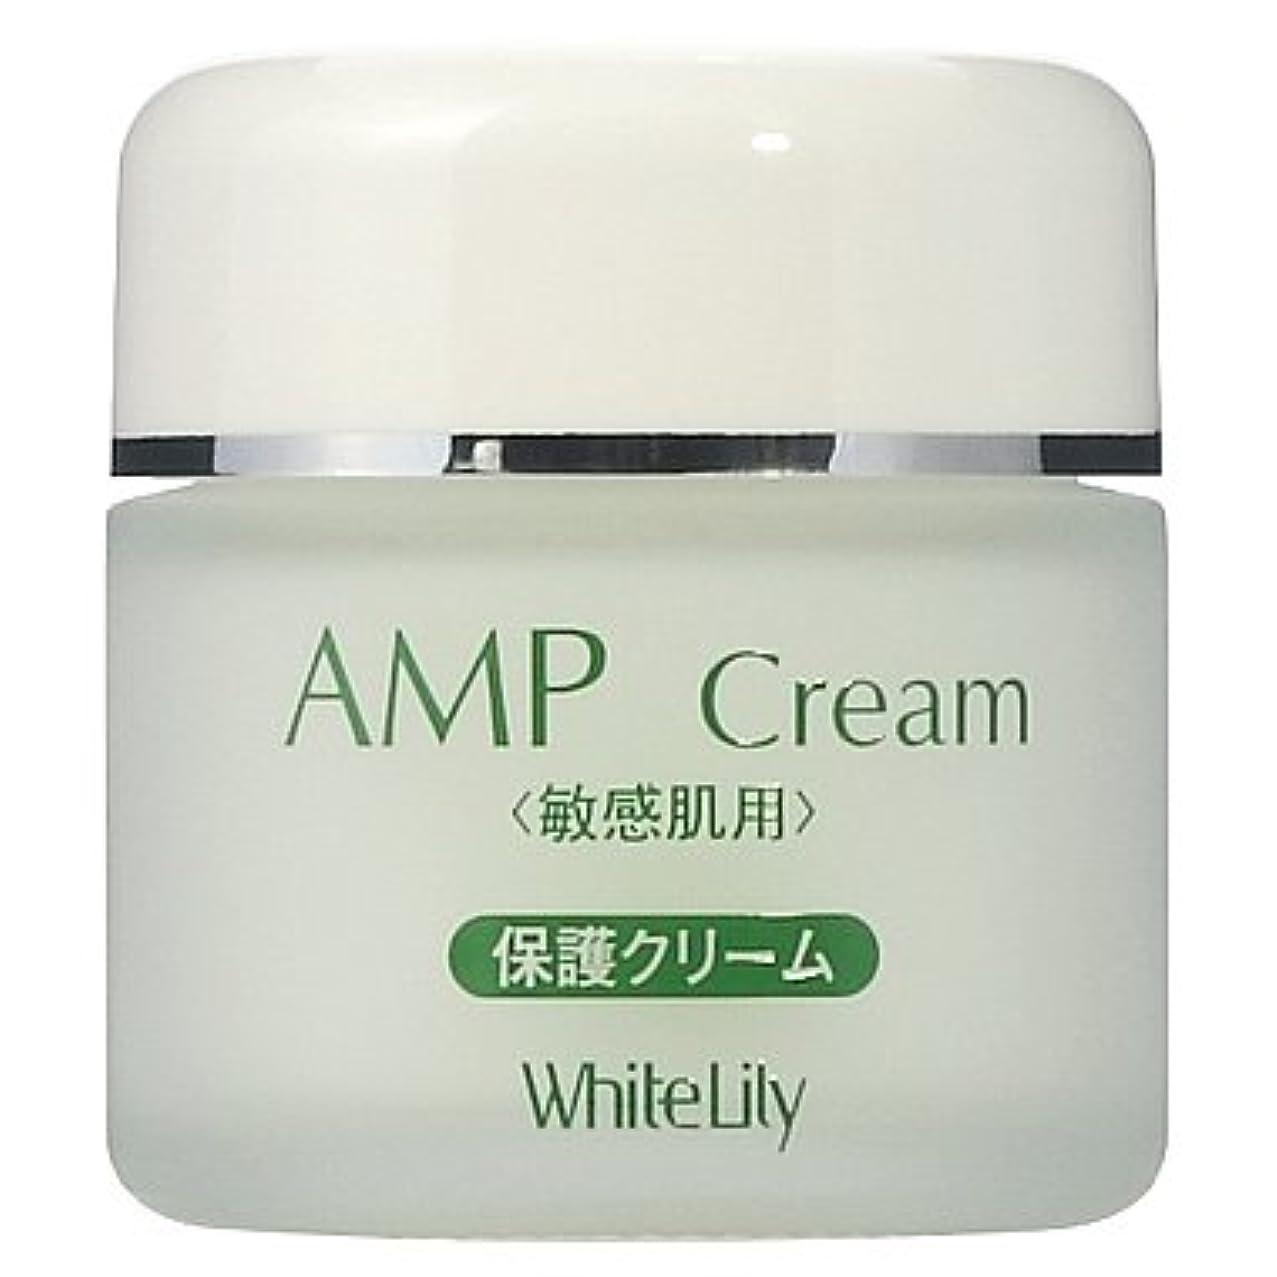 尾主にスパイホワイトリリー AMPクリーム 40g クリーム